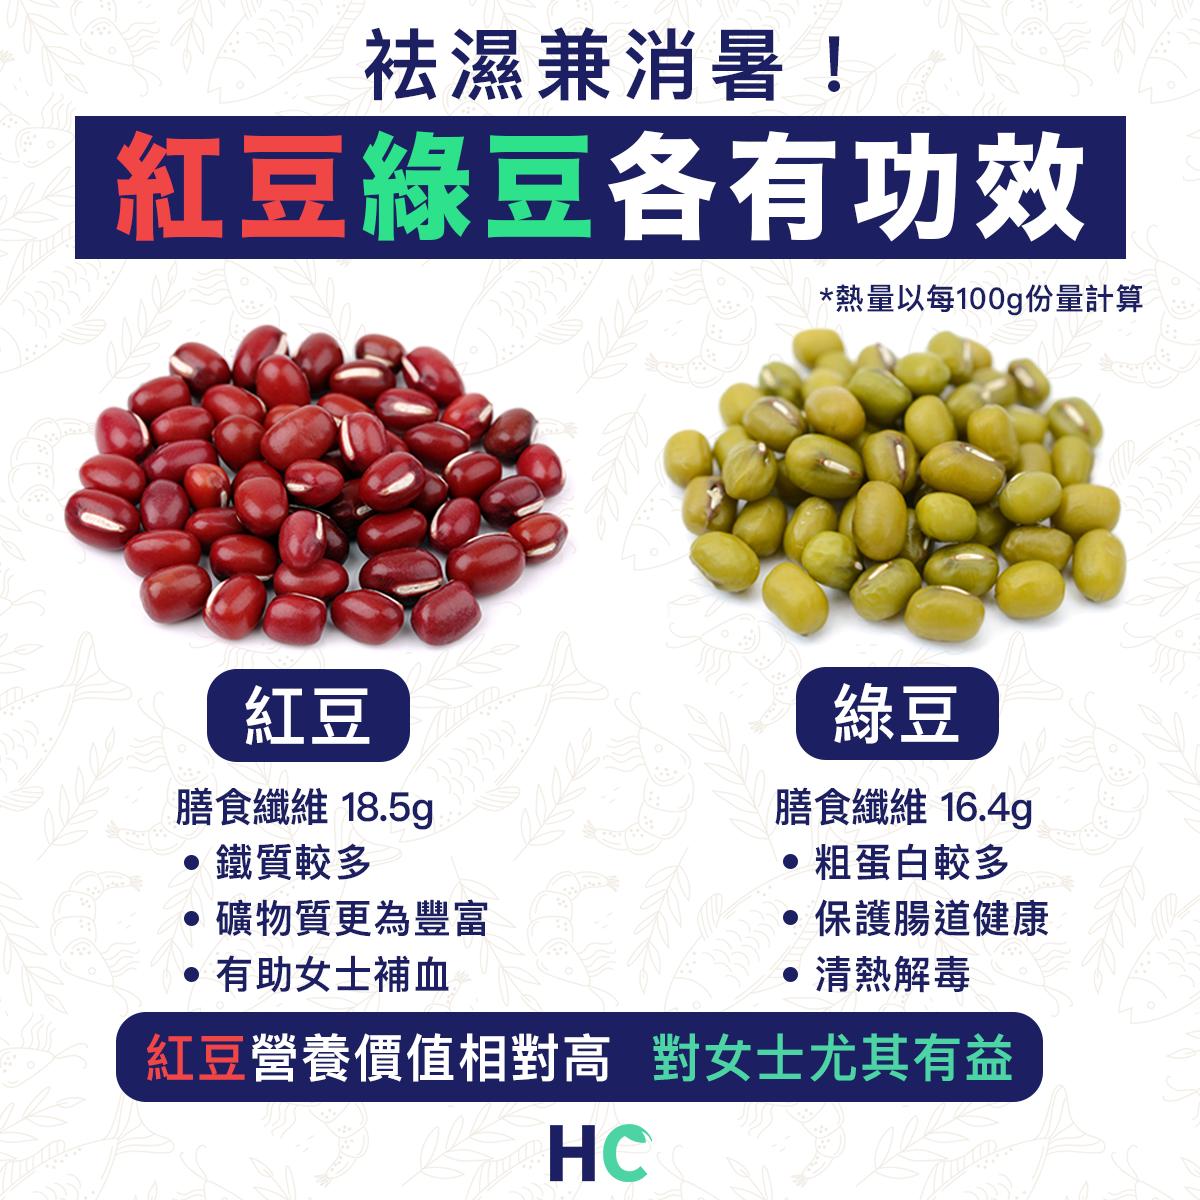 【#營養食物】袪濕兼消暑! 紅豆綠豆各有功效